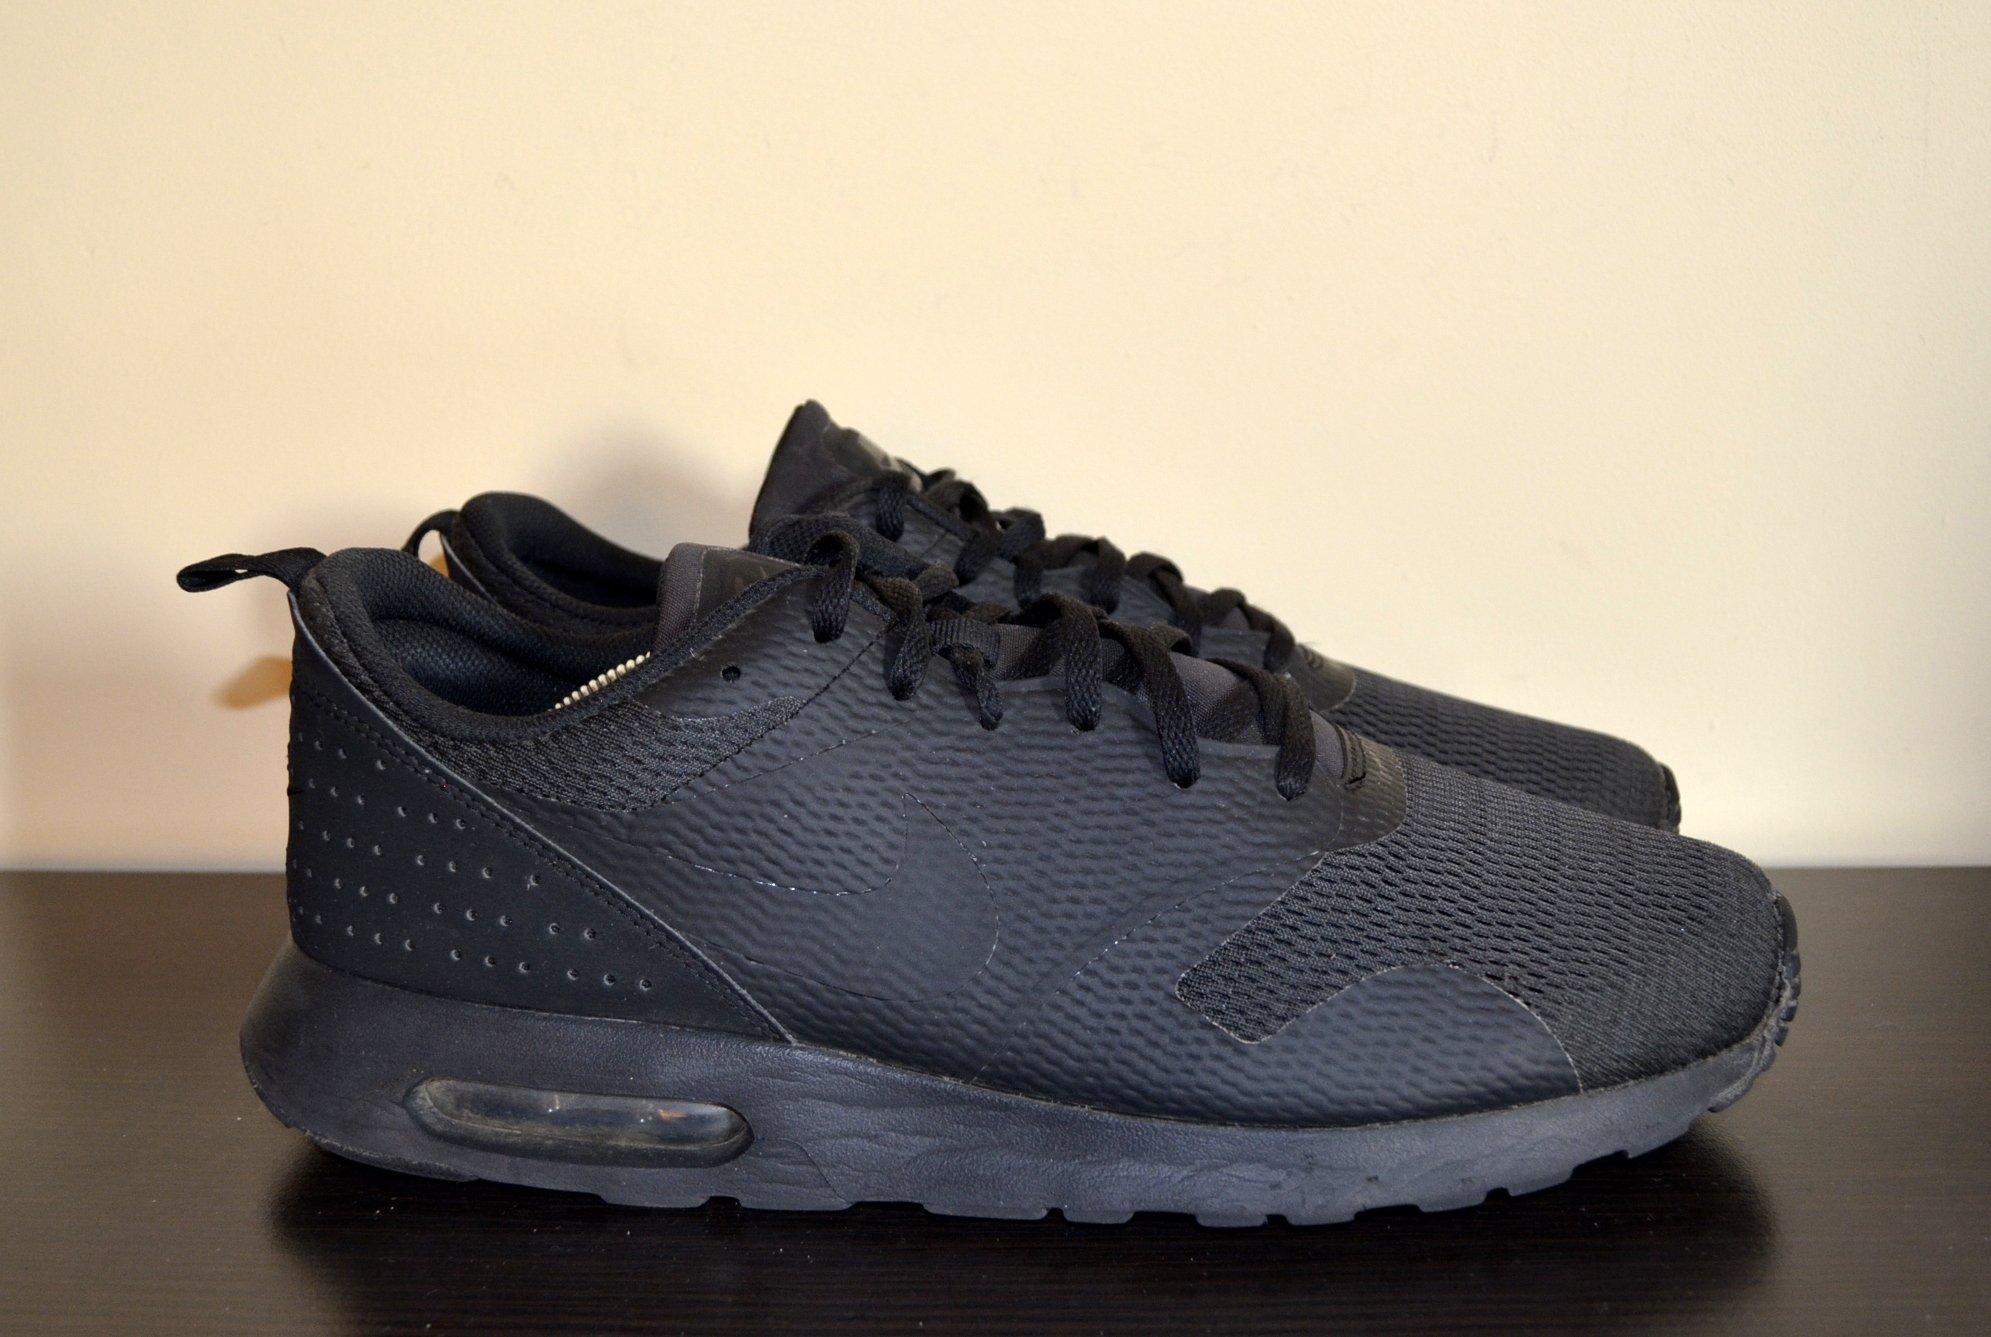 Nike air max białe 97, Buty męskie Allegro.pl